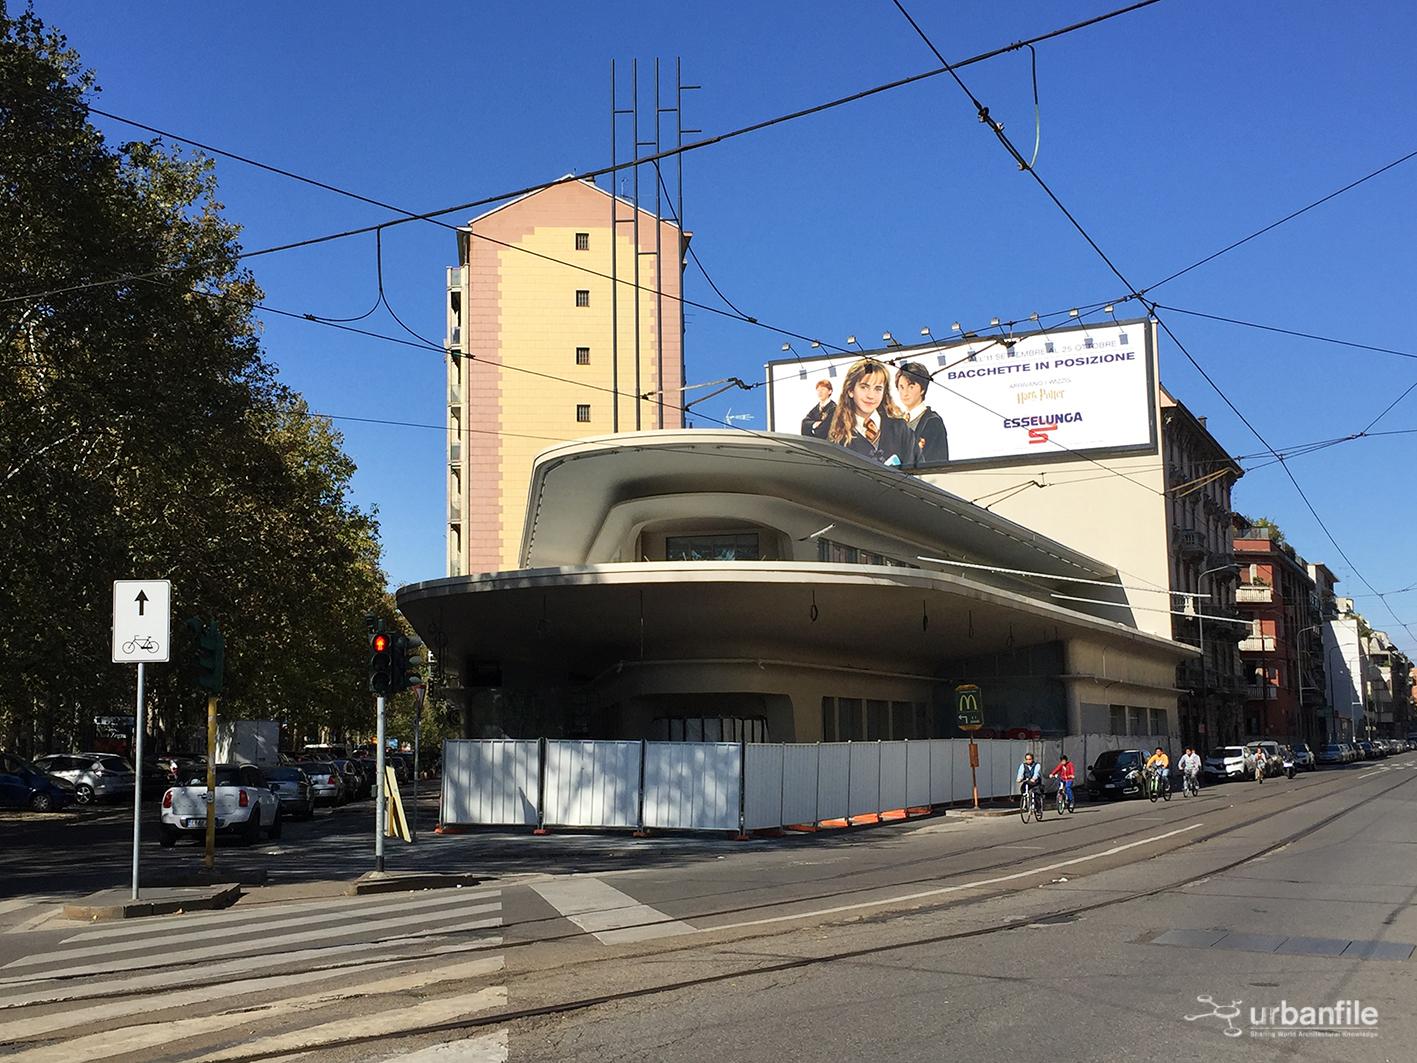 Milano cagnola piazzale accursio e il nuovo garage for Appoggiarsi all aggiunta al garage